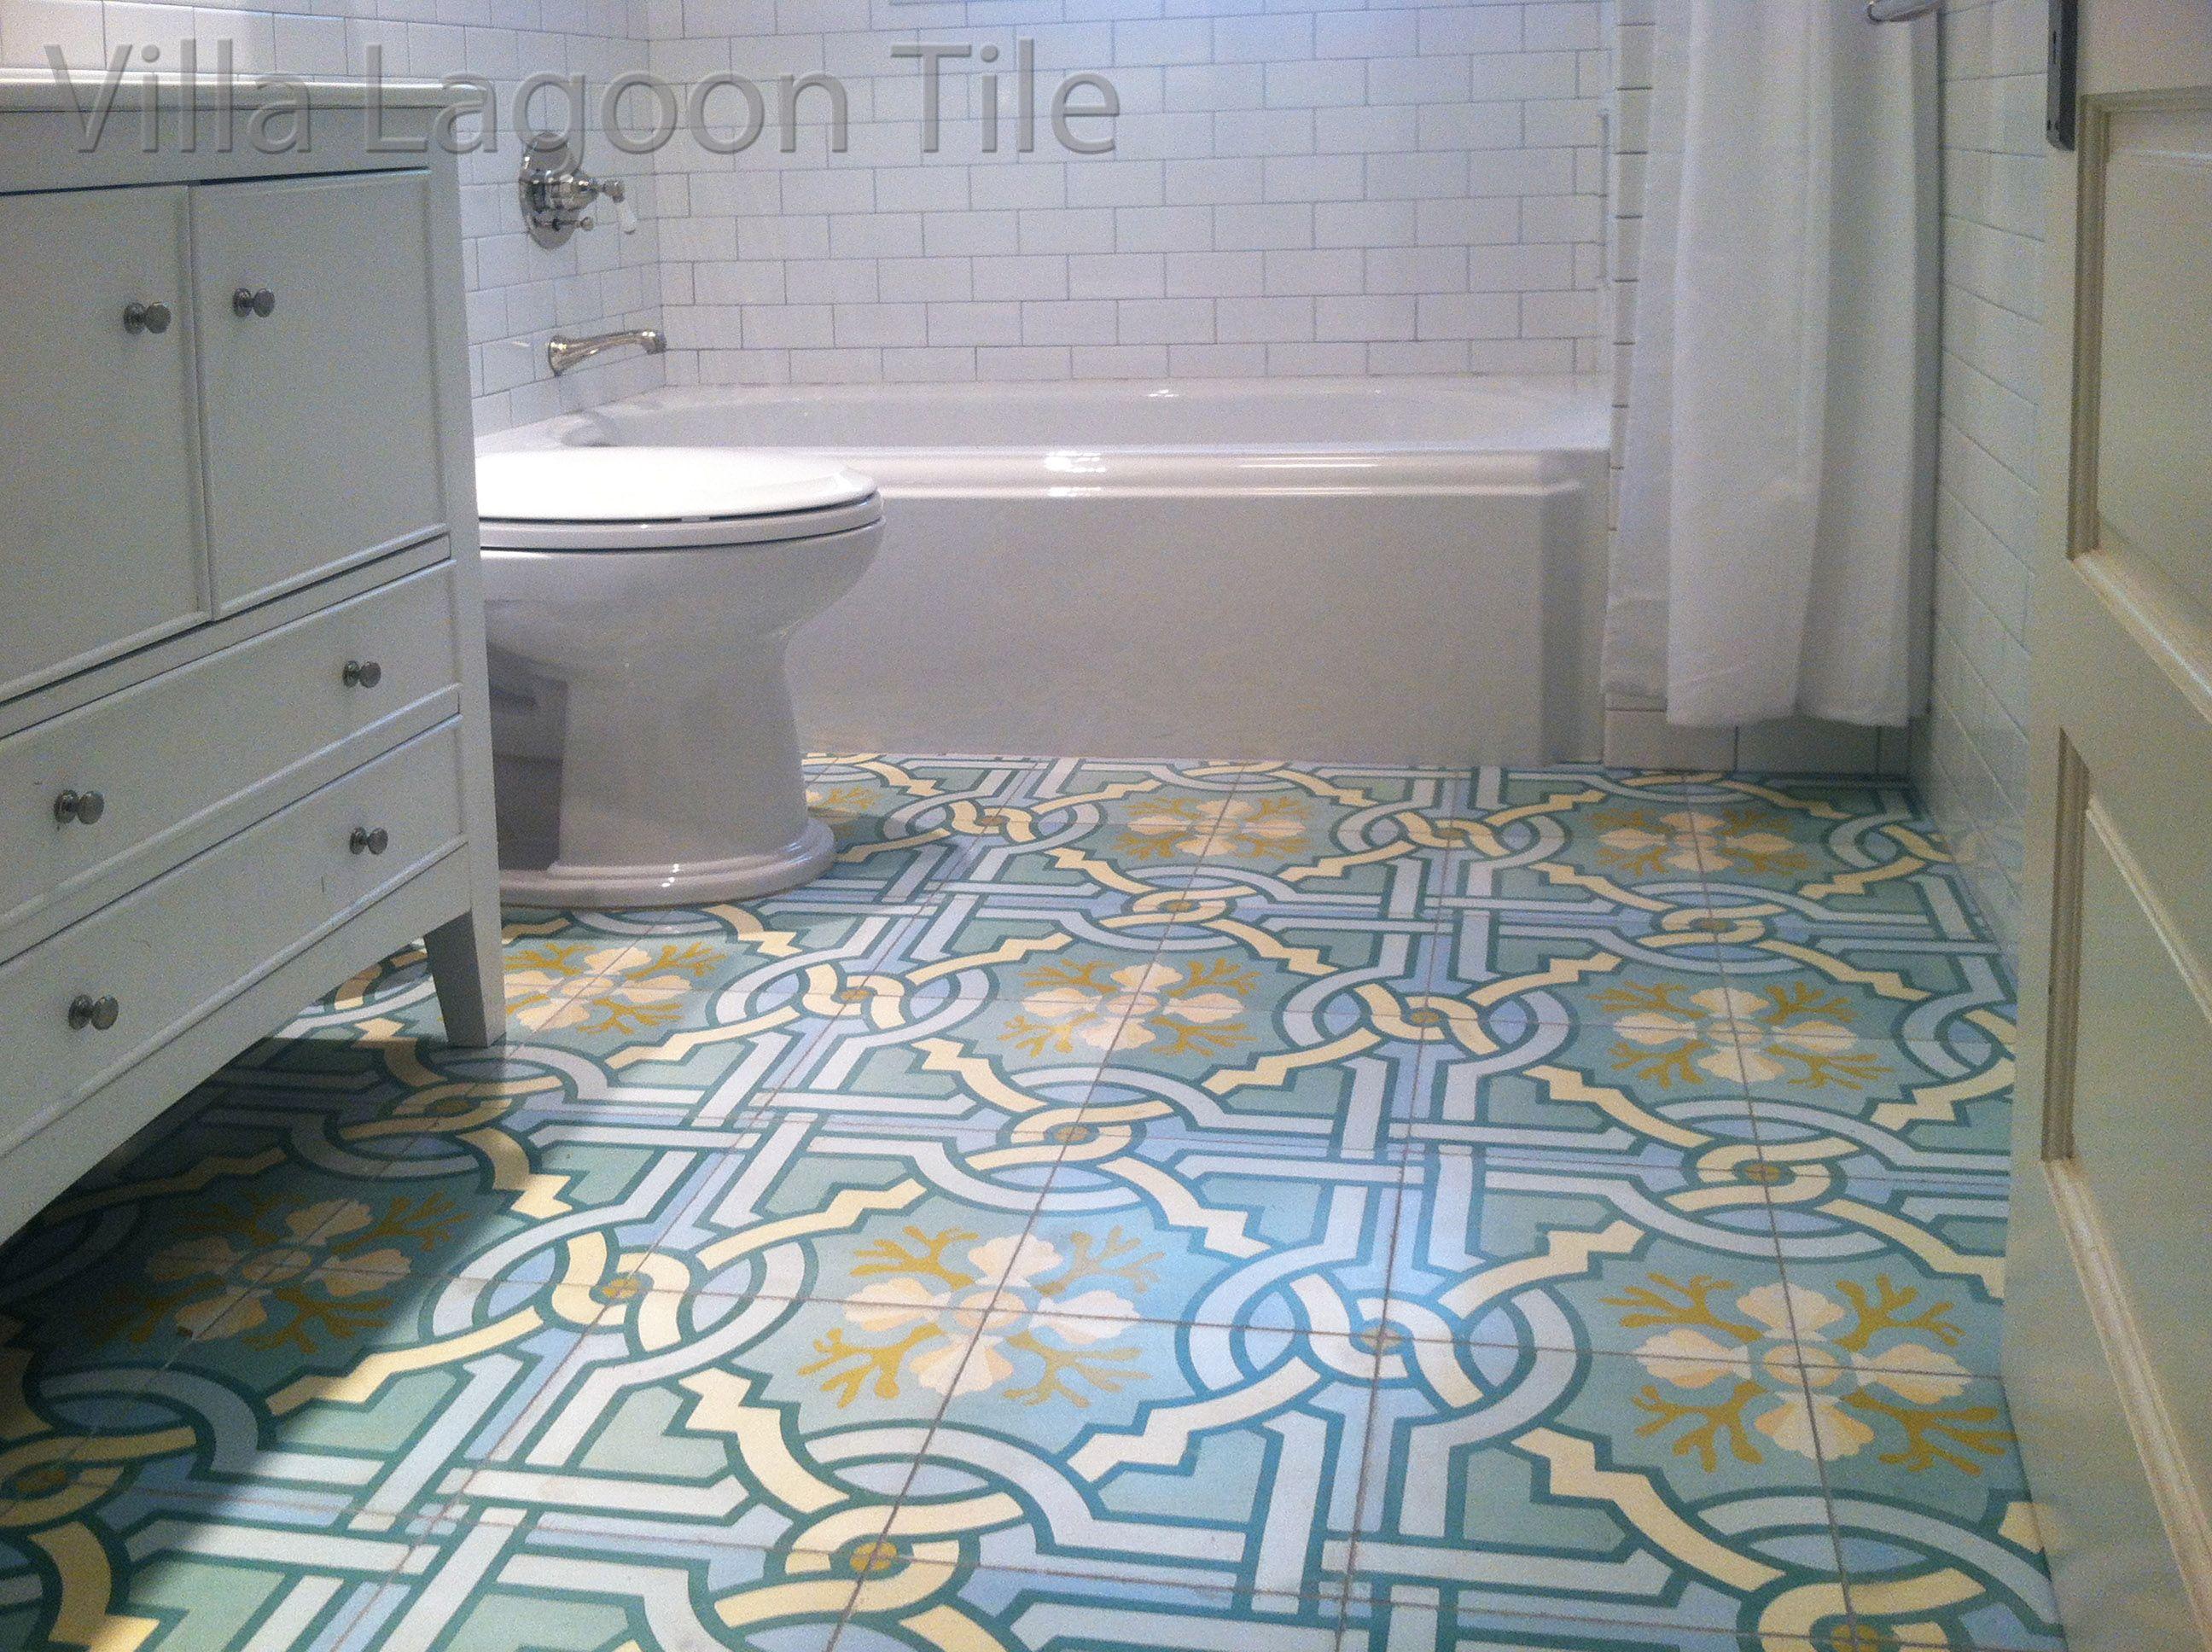 Villa lagoon tiles original venetian azul cement tile brings a villa lagoon tiles original venetian azul cement tile brings a white bathroom dailygadgetfo Choice Image